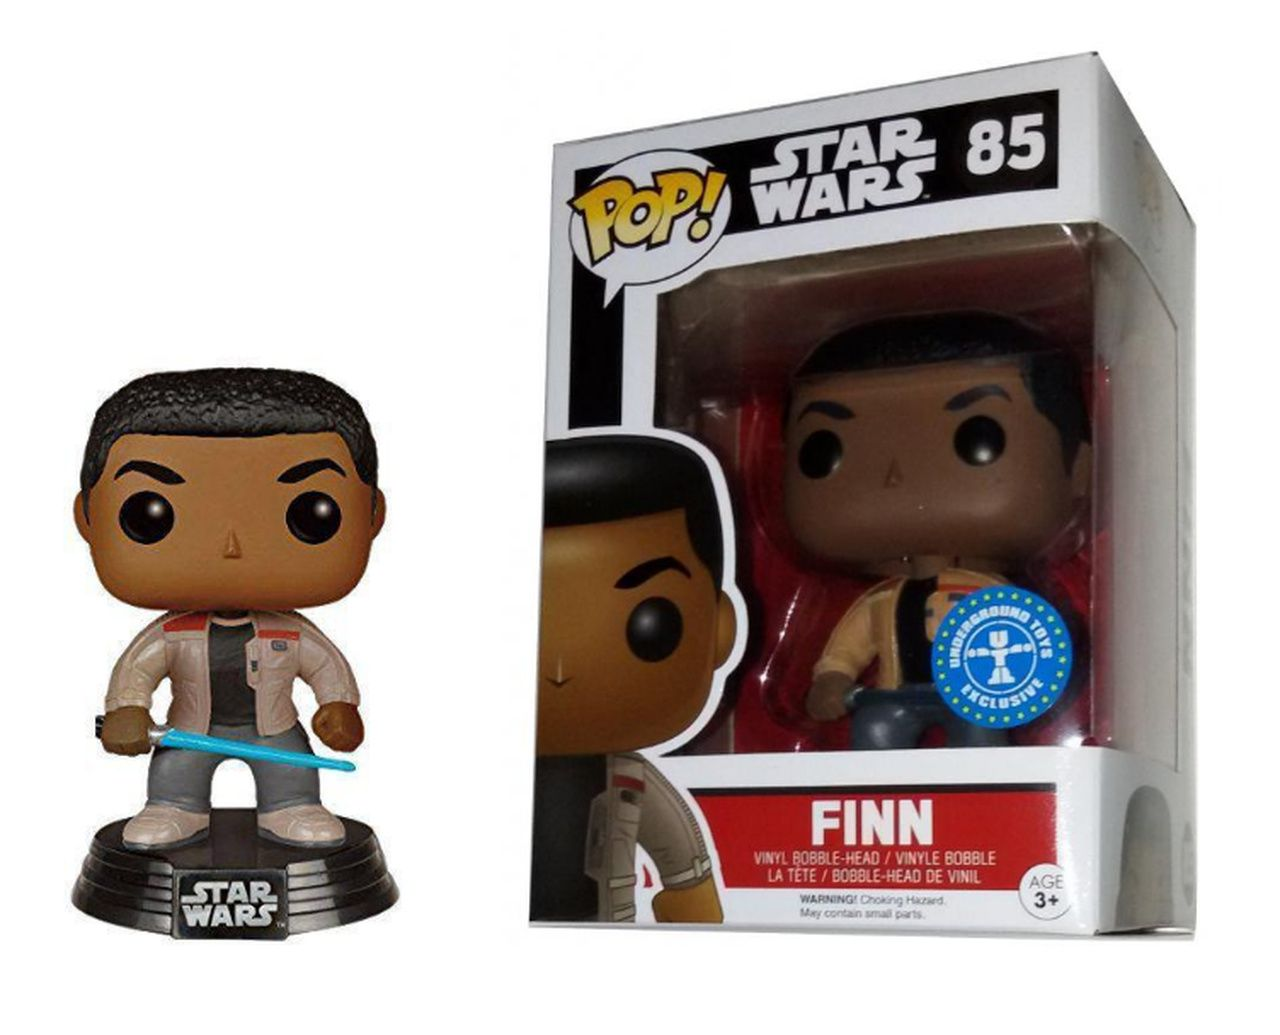 Funko Pop! Finn: Star Wars (Exclusivo) #85 - Funko